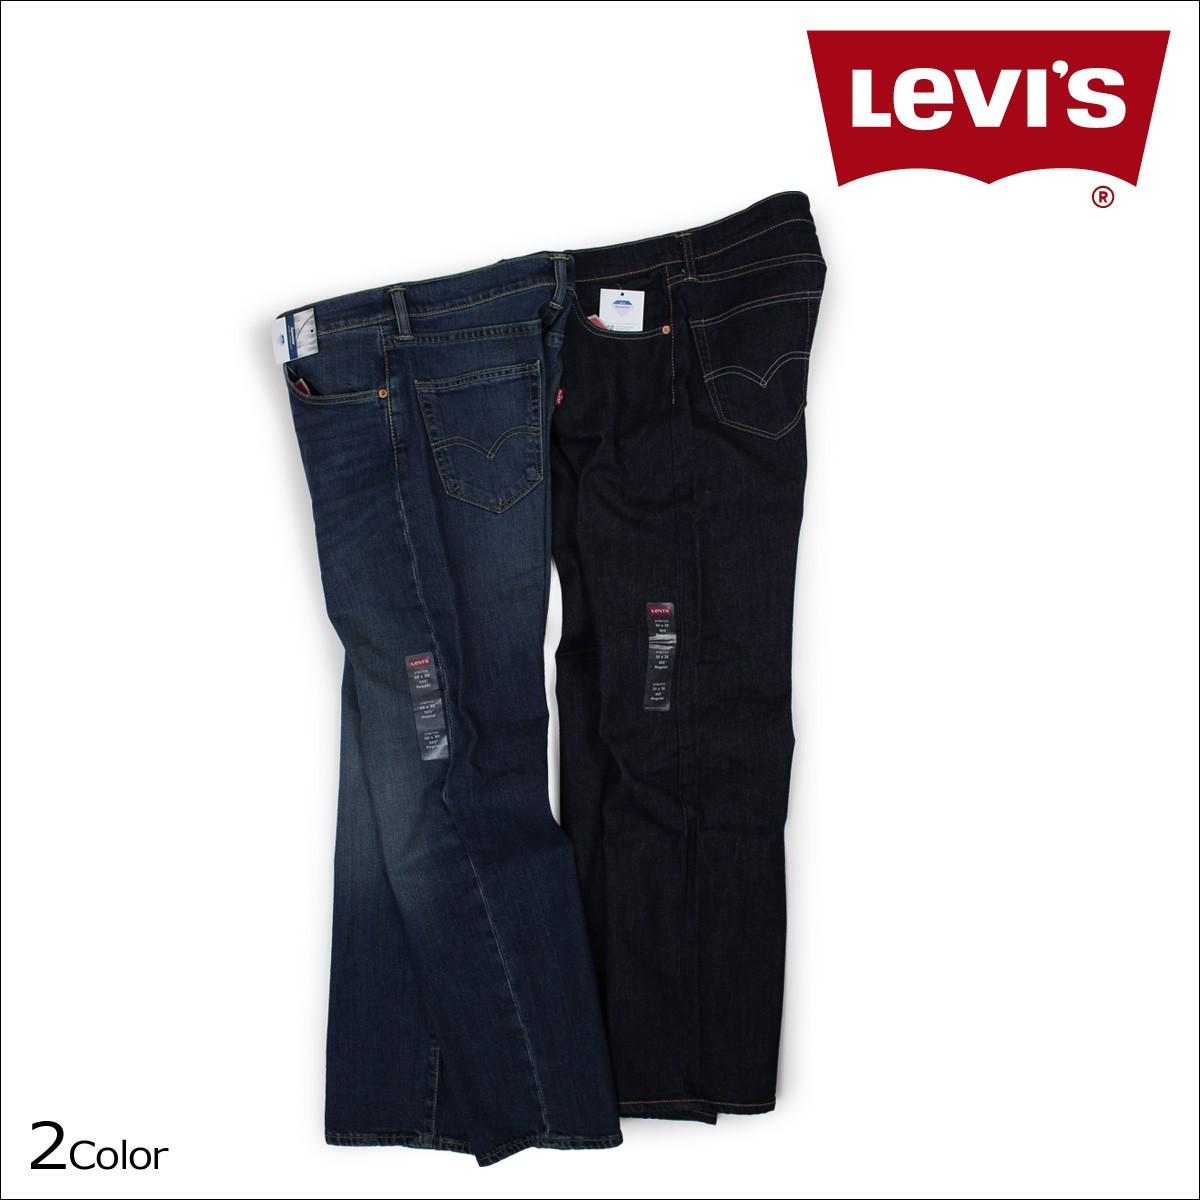 リーバイス 505 LEVI'S ストレート メンズ デニム パンツ REGULAR FIT STRAIGHT